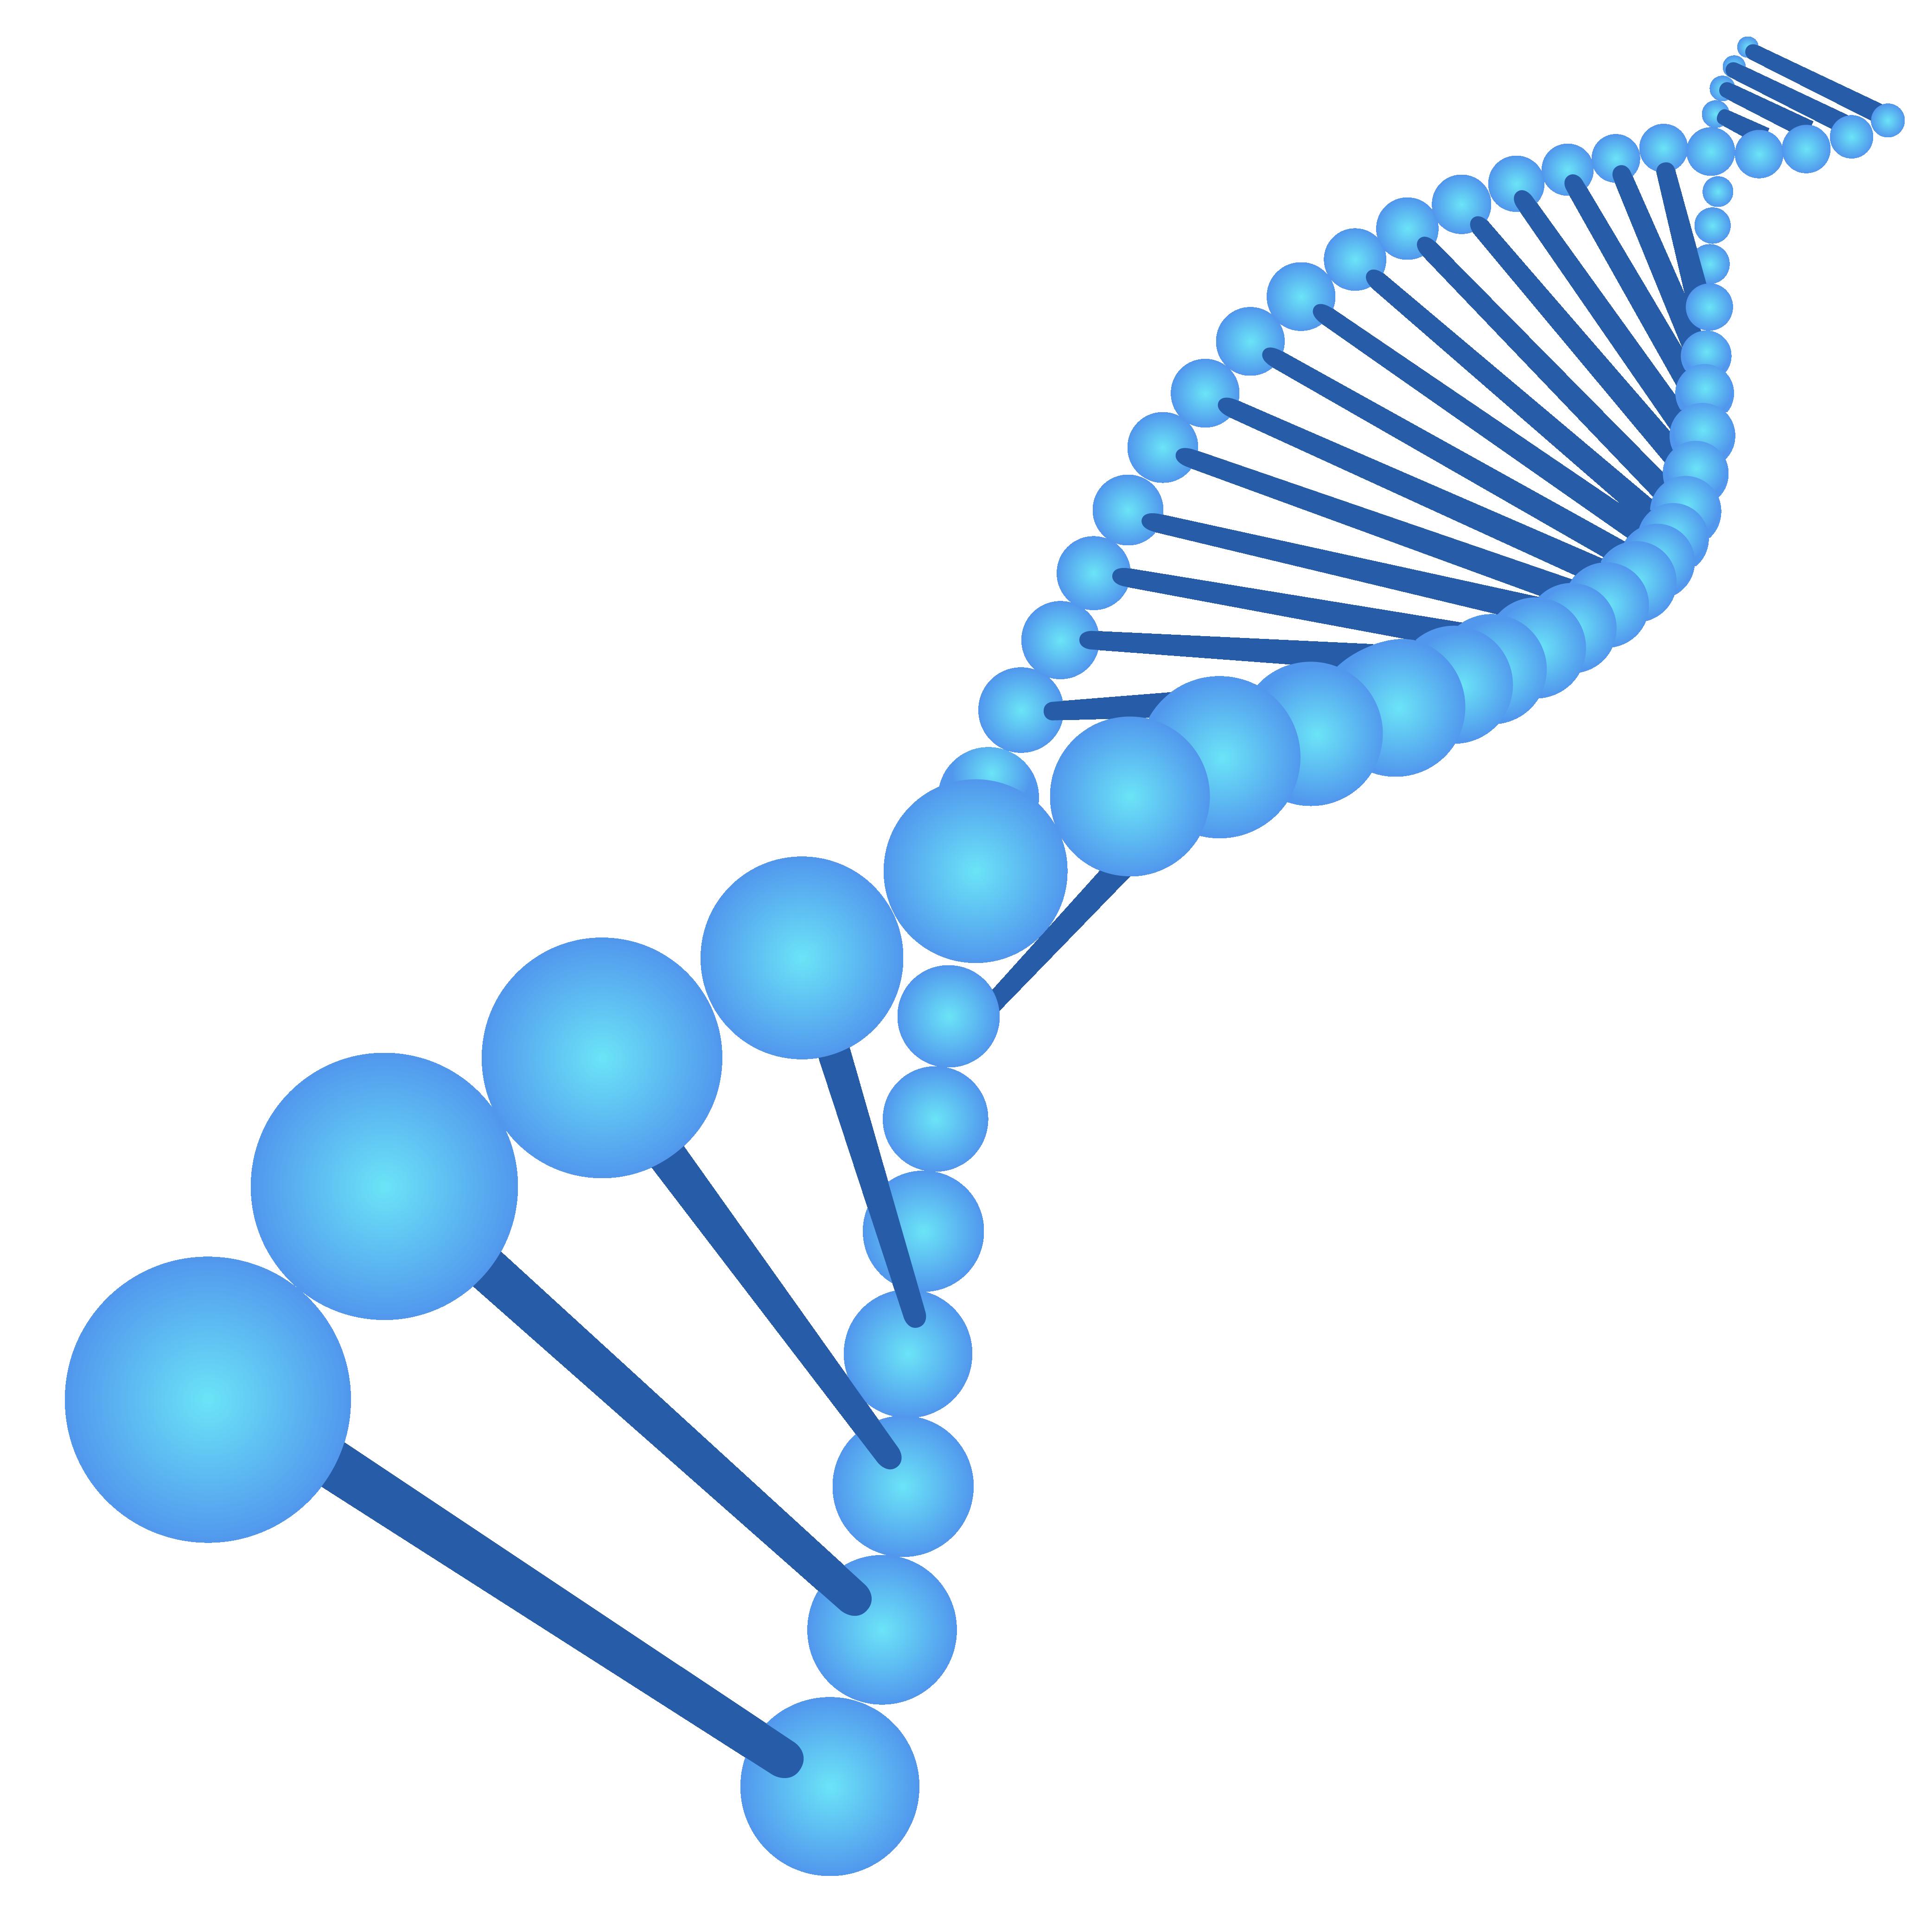 pHIS2酵母单杂交质粒